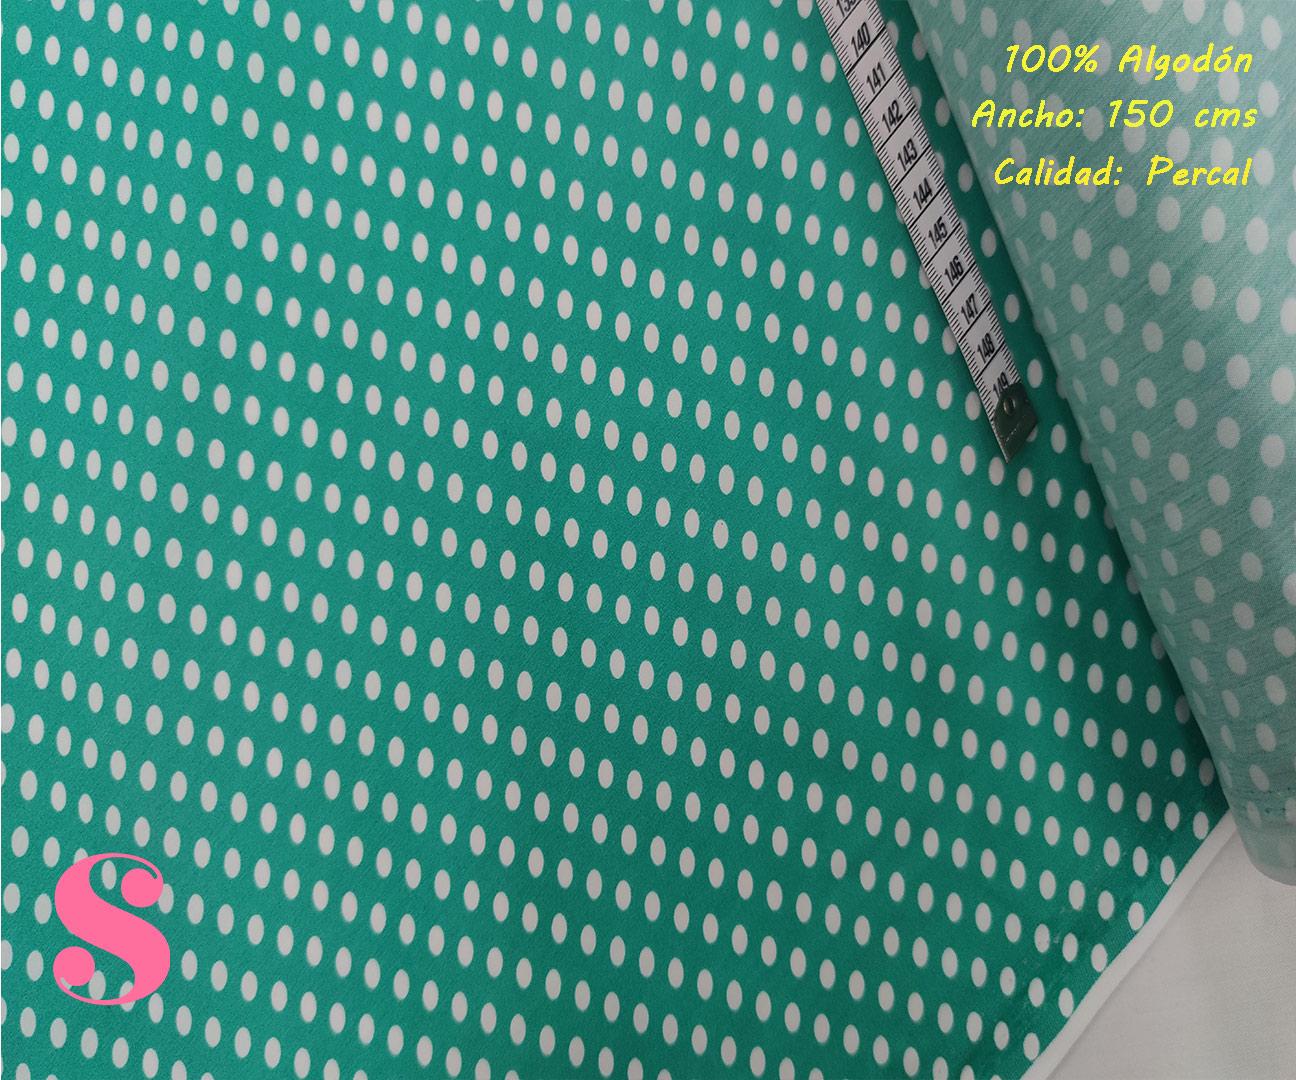 496-lunares-flamencos-lenteja-fondo-verdetejidos-algodón-estampado-percal,Tejido Estampado Lunar Flamenco Fondo Verde